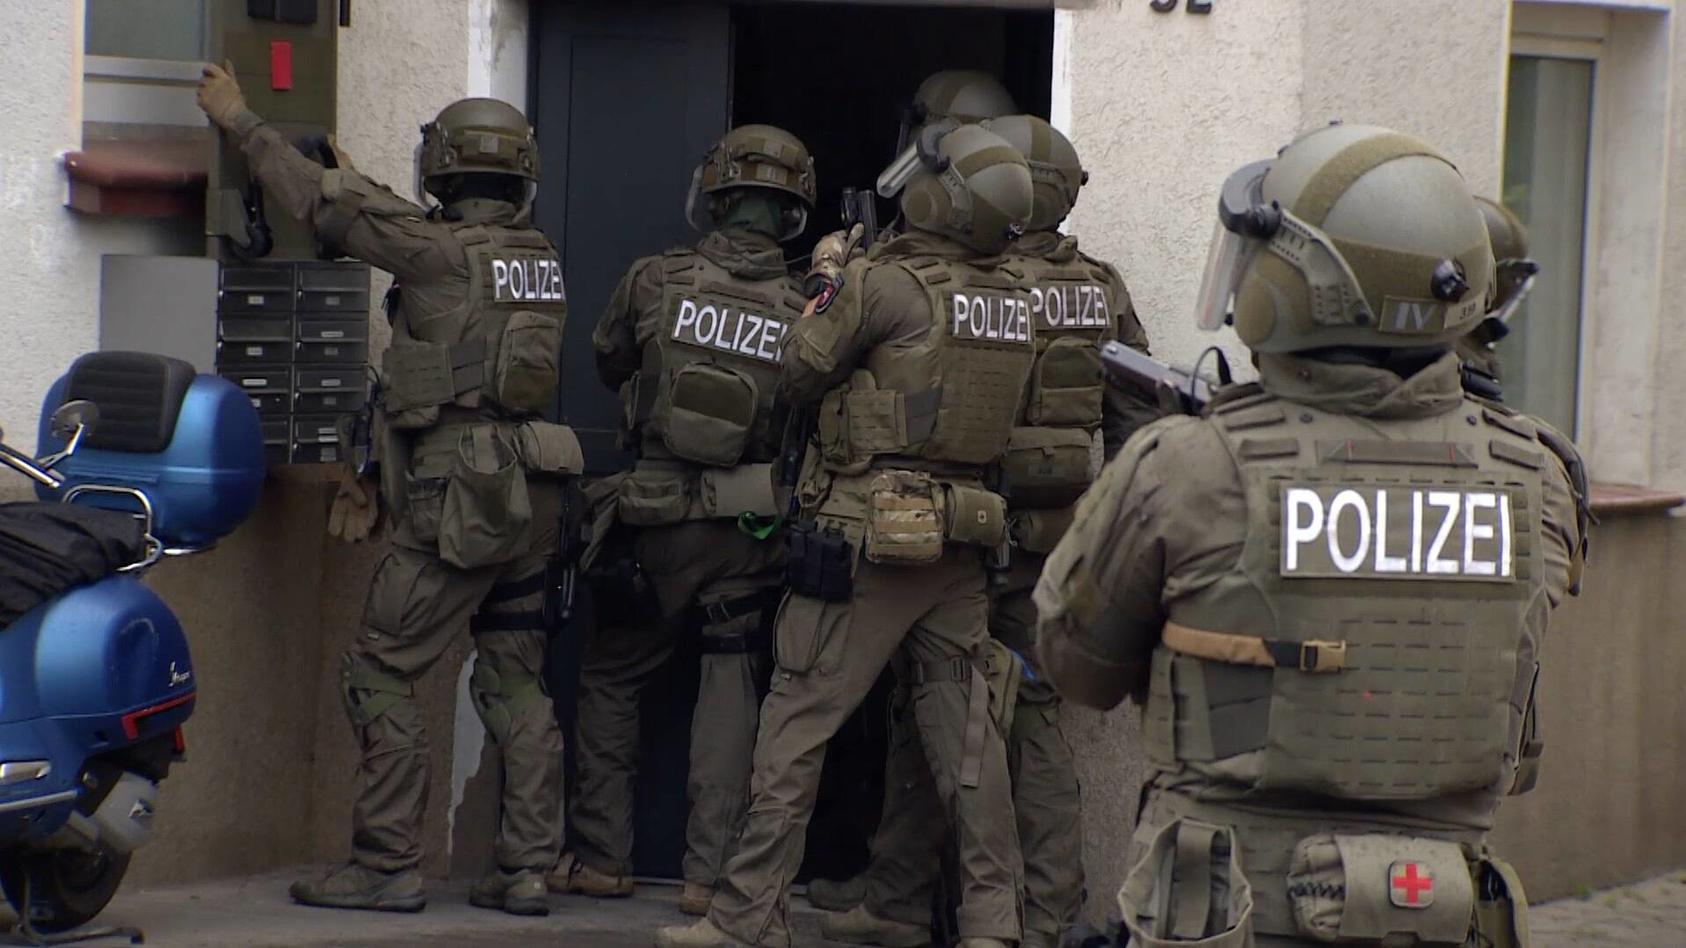 Das Spezialeinsatzkommando (SEK) des Frankfurter Polizeipräsidiums wird aufgelöst. (Archivbild)